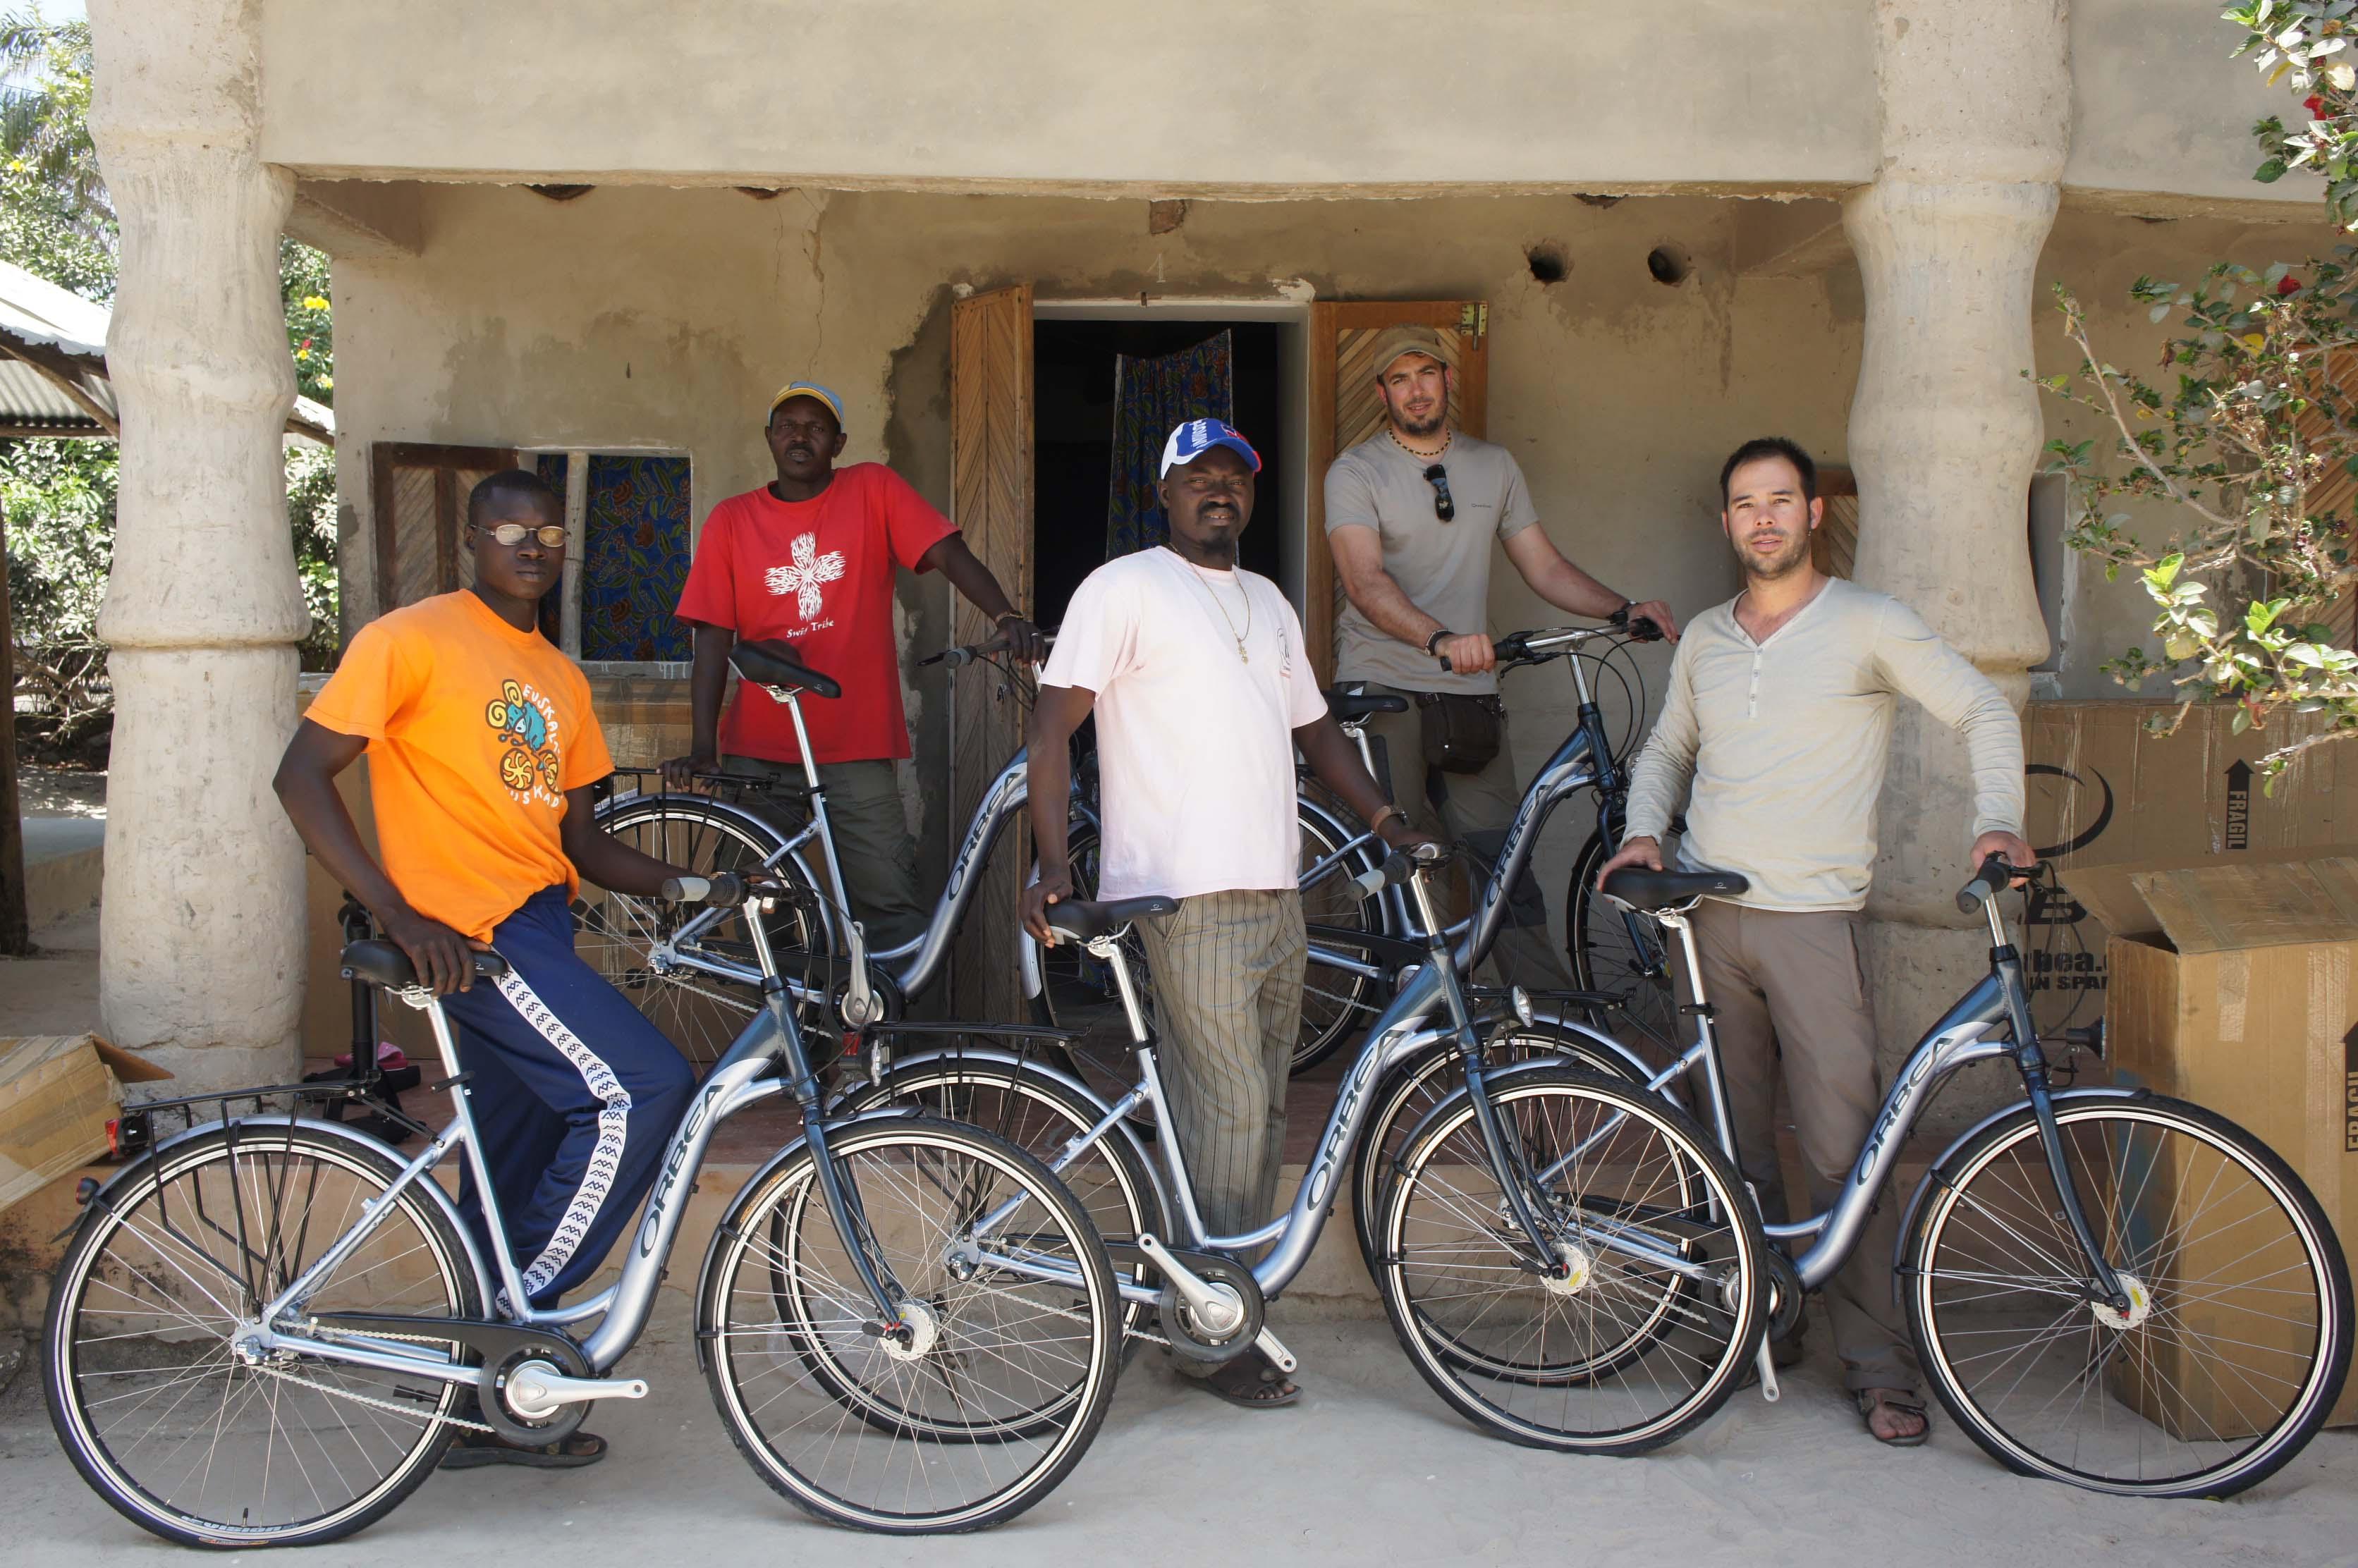 Bicicletas para Centros Educativos en Senegal